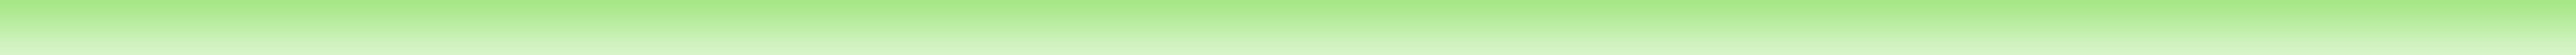 olivegreenline.png